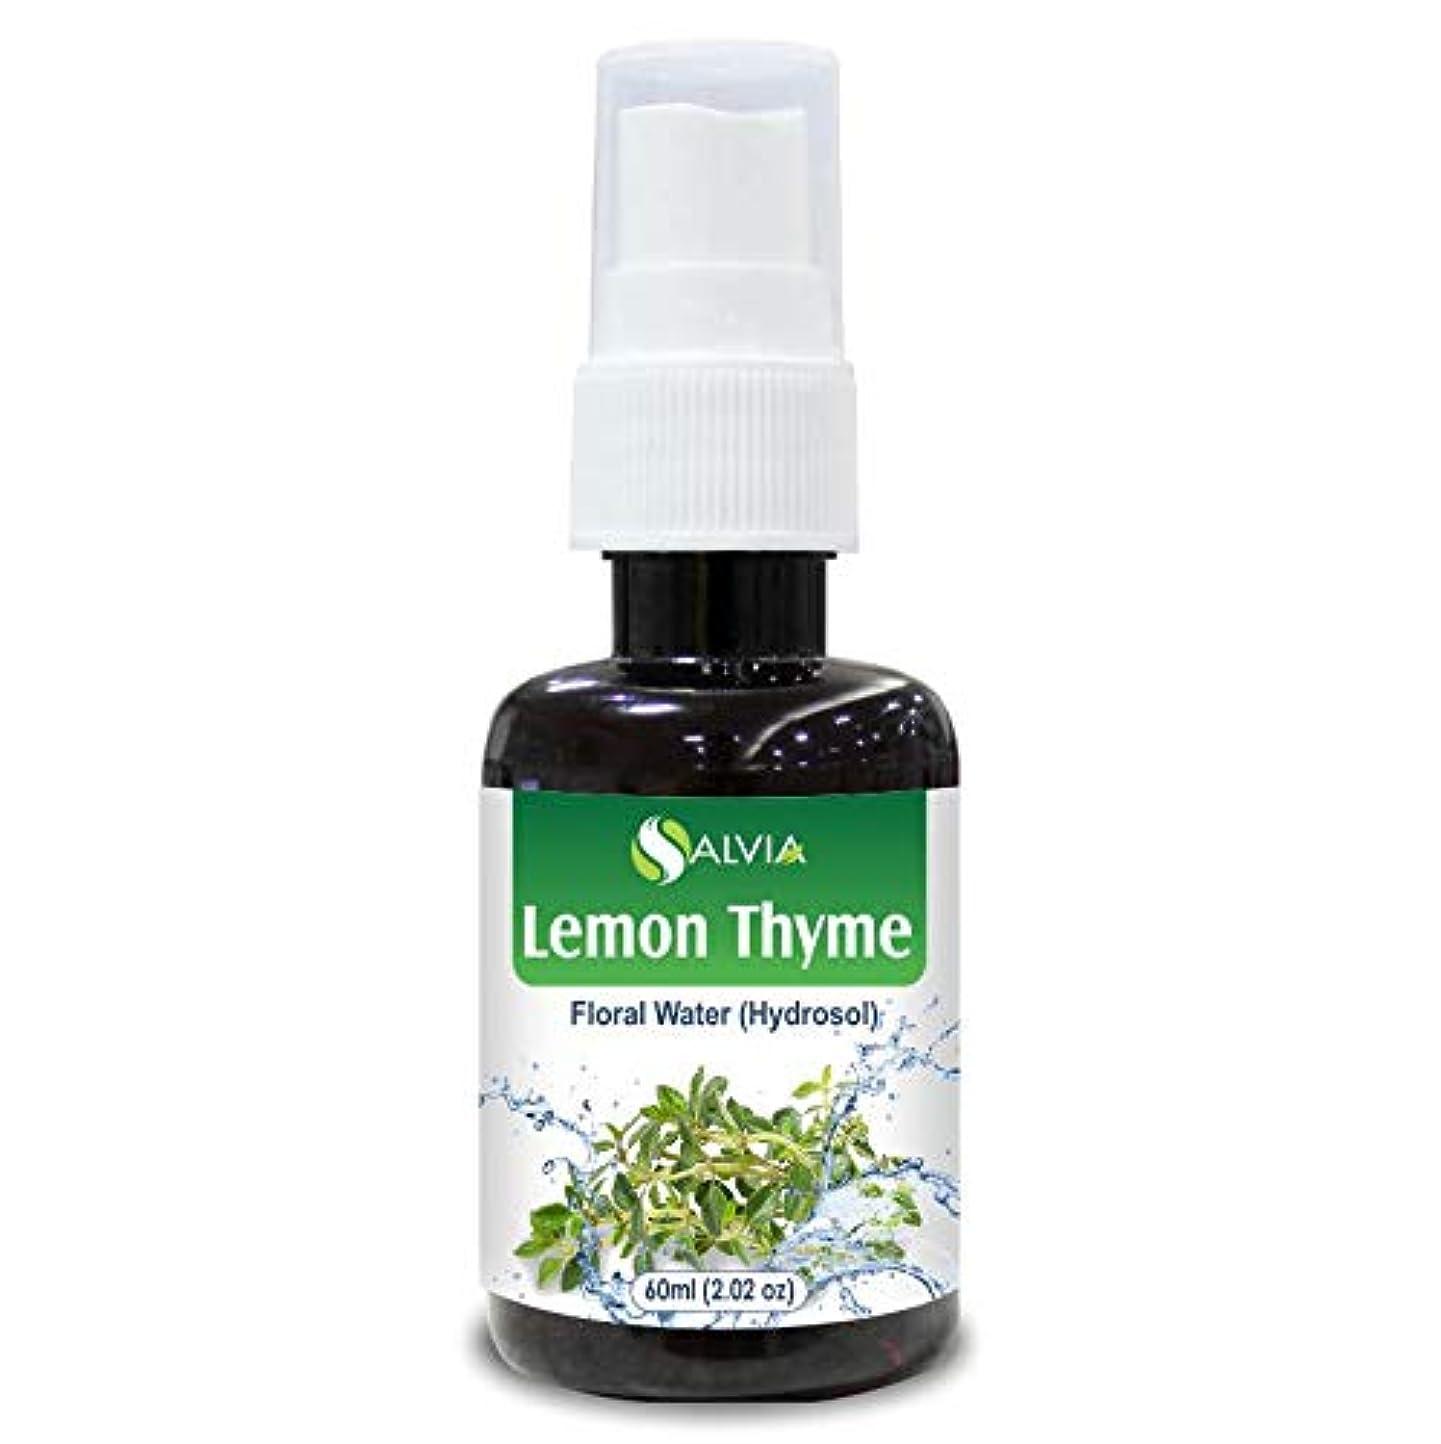 協力する報奨金優先権Lemon Thyme Floral Water 60ml (Hydrosol) 100% Pure And Natural